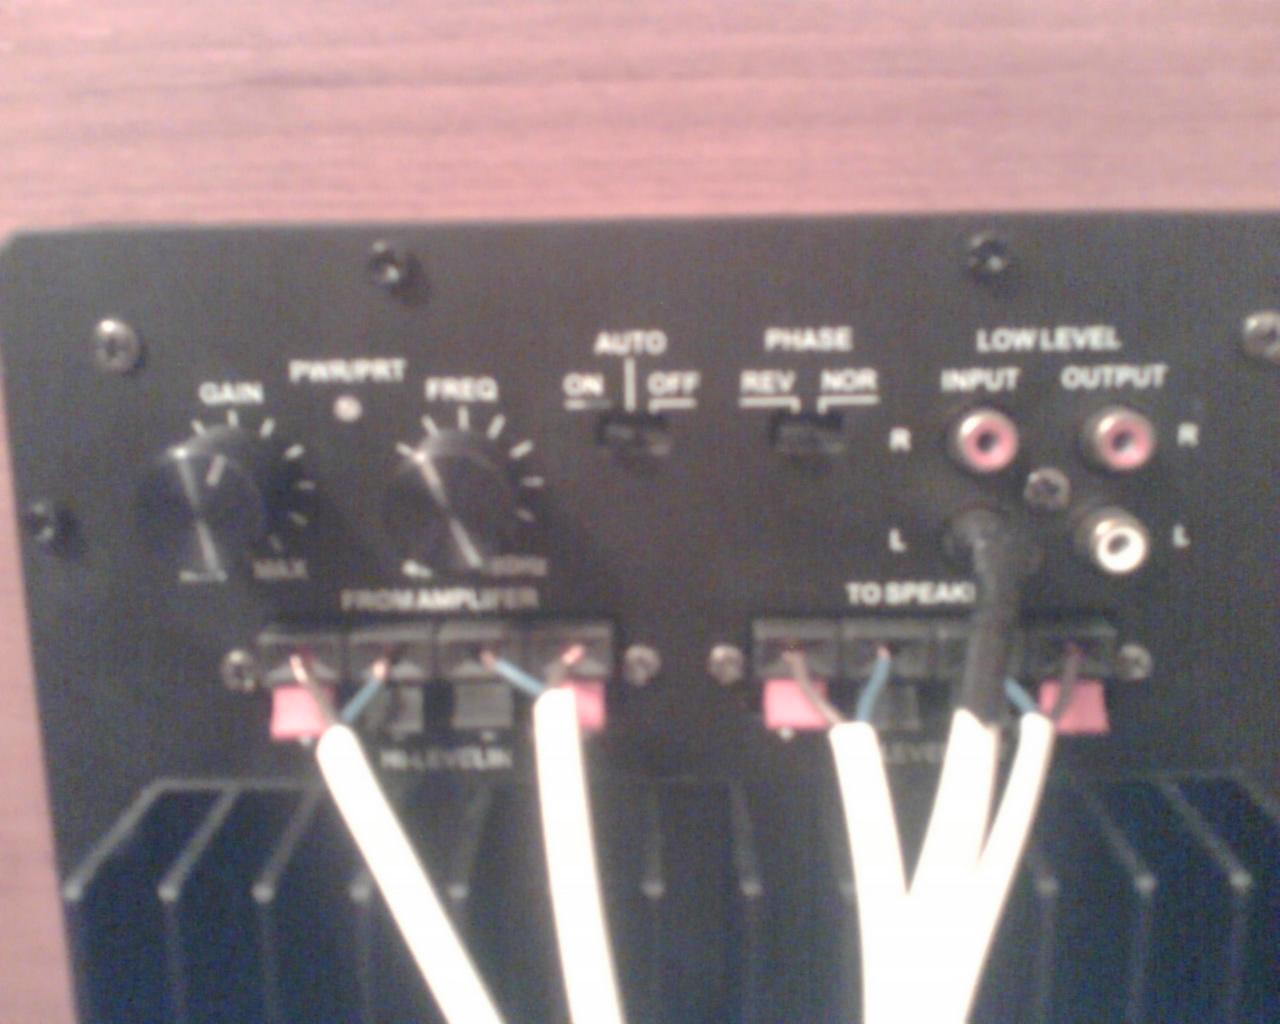 rozne tezy... podlaczenie suba pod ampka stereo/ odnawiam